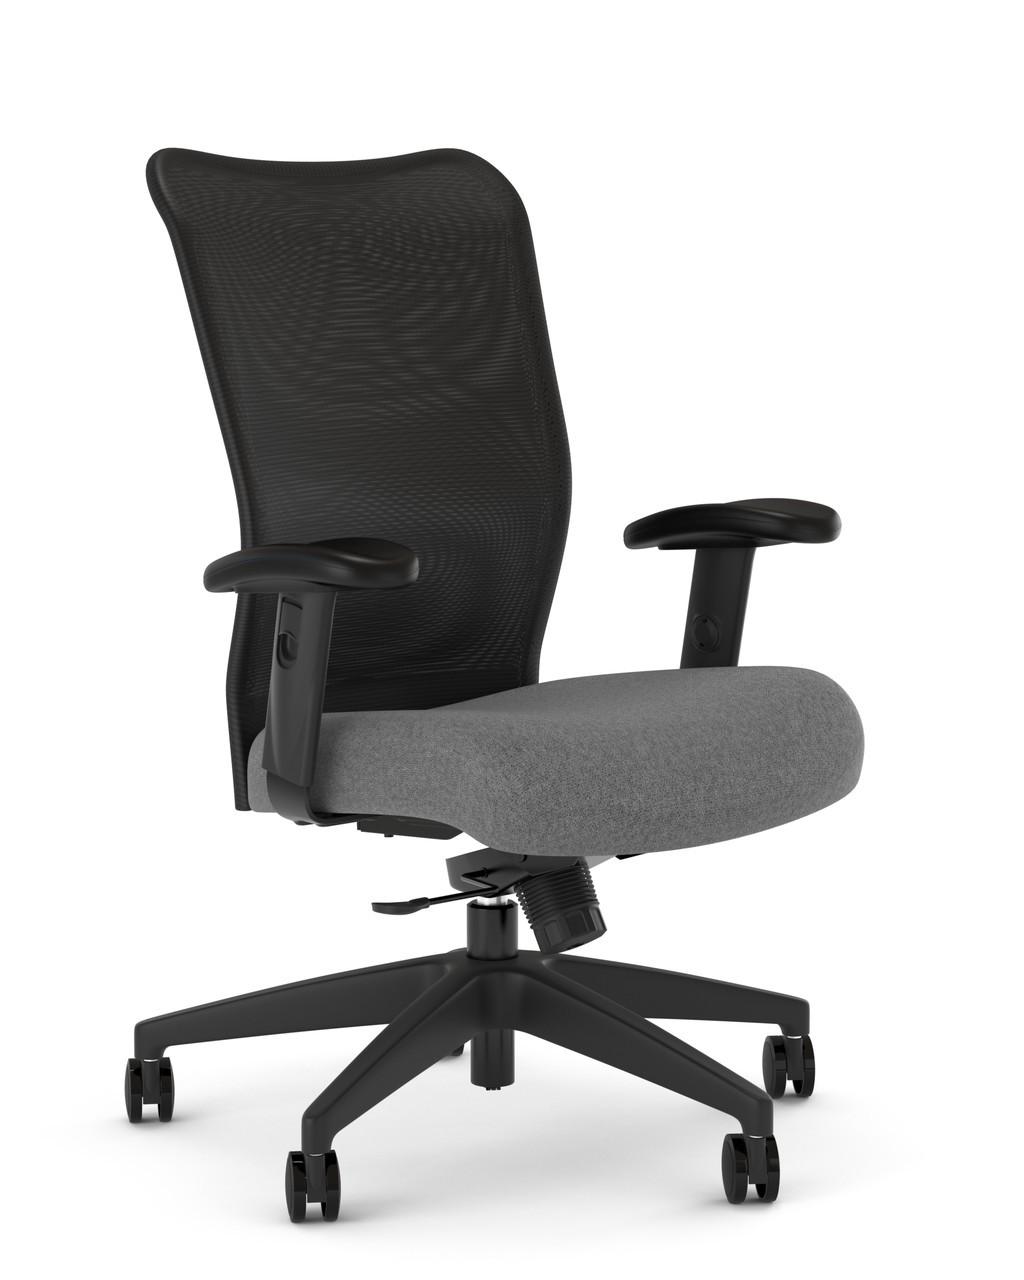 Kimball Itsa 1 0 24 7 Tasker Officechairsusa